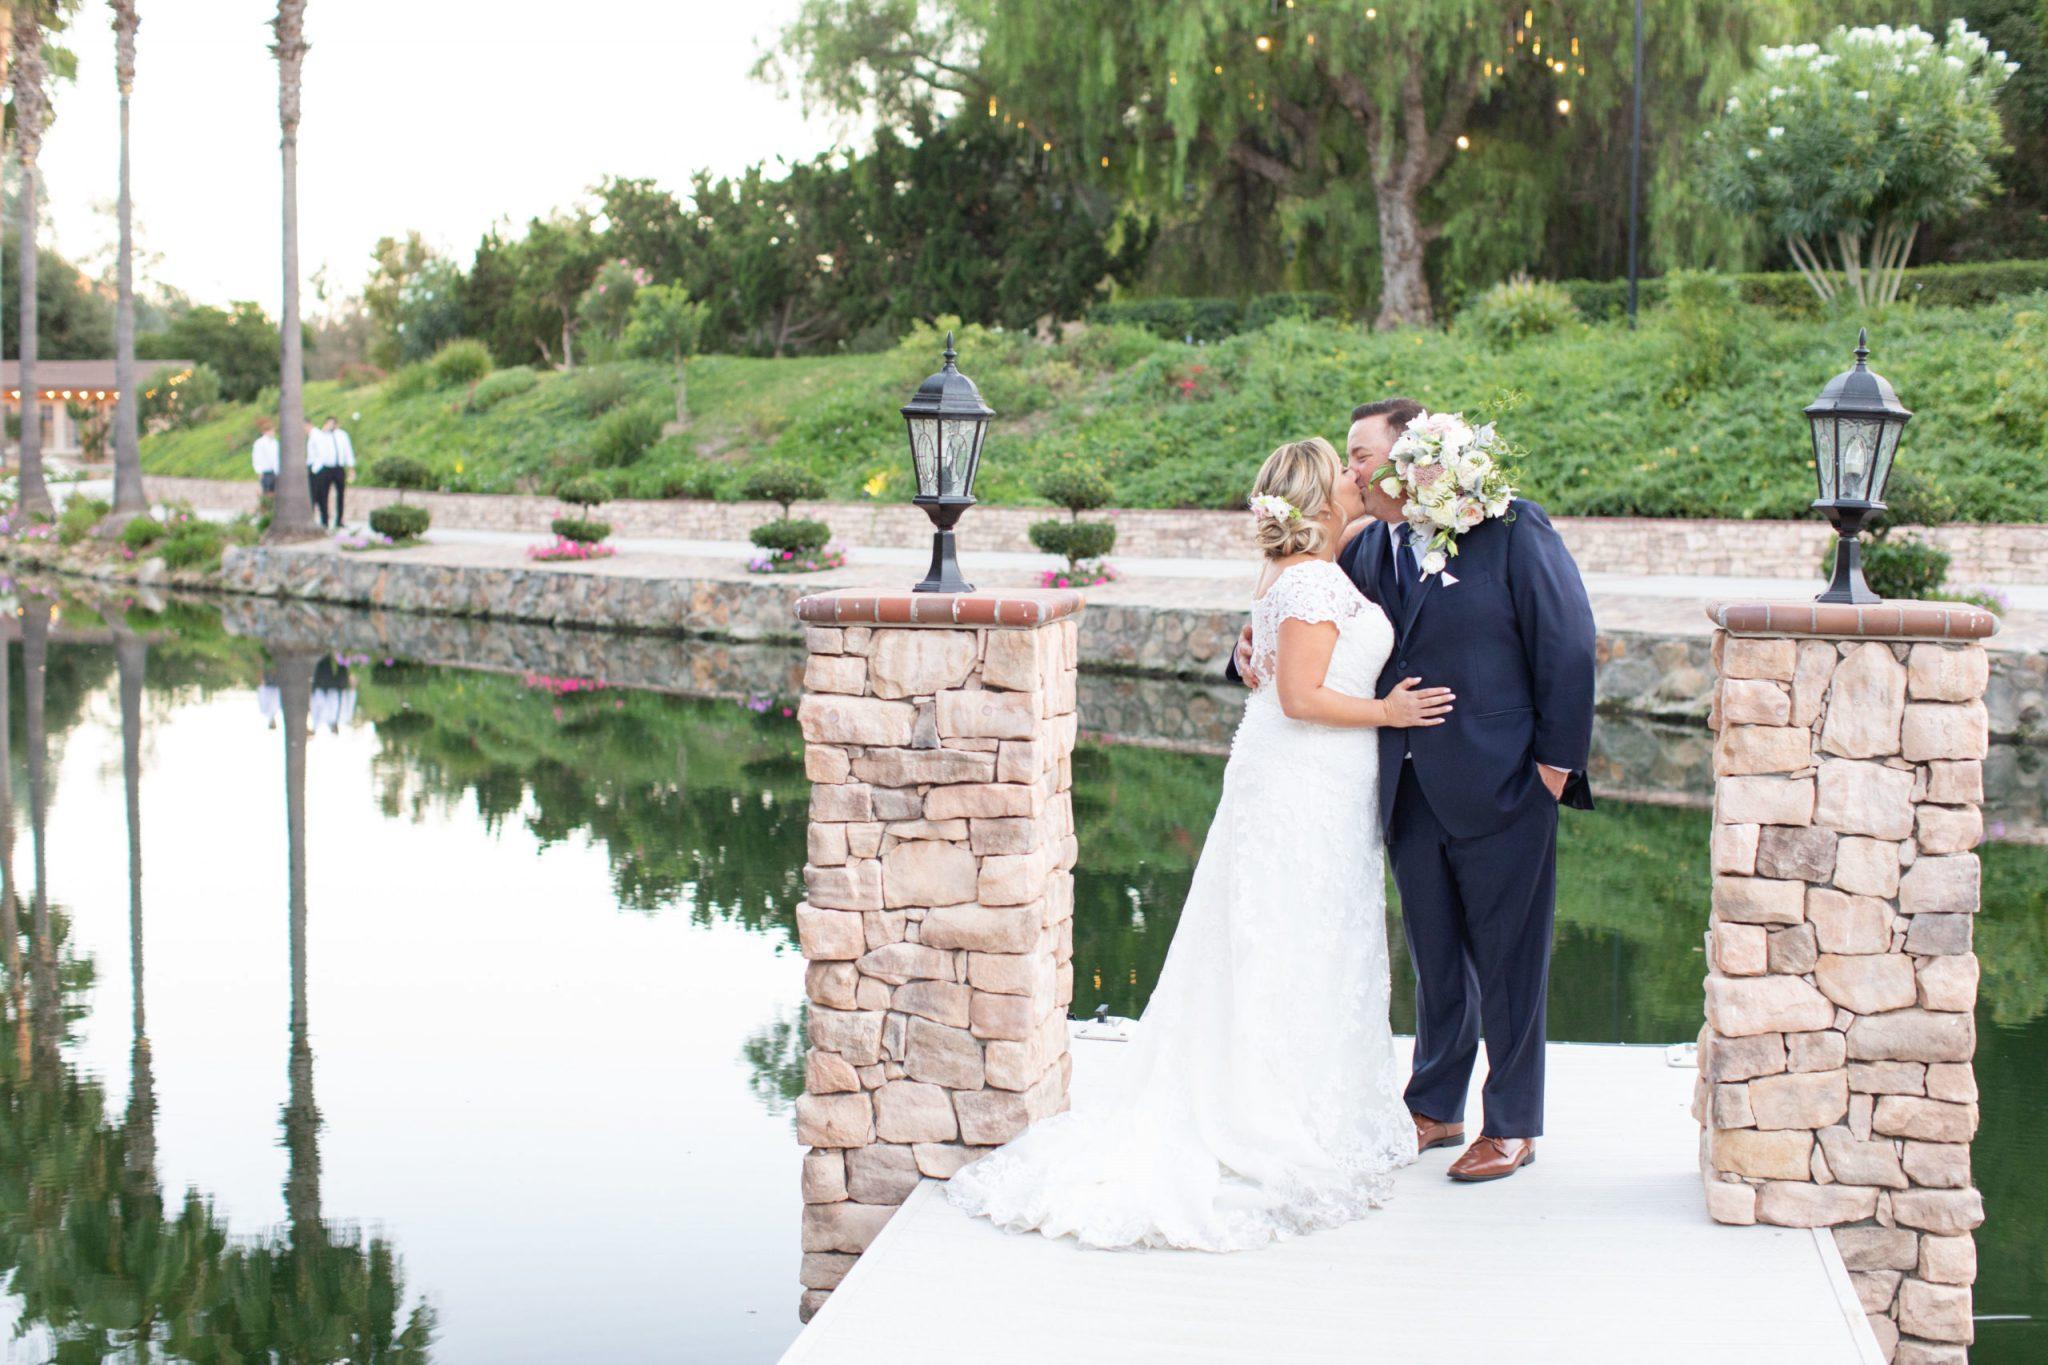 Matt Chrissy Wedding 4132 scaled